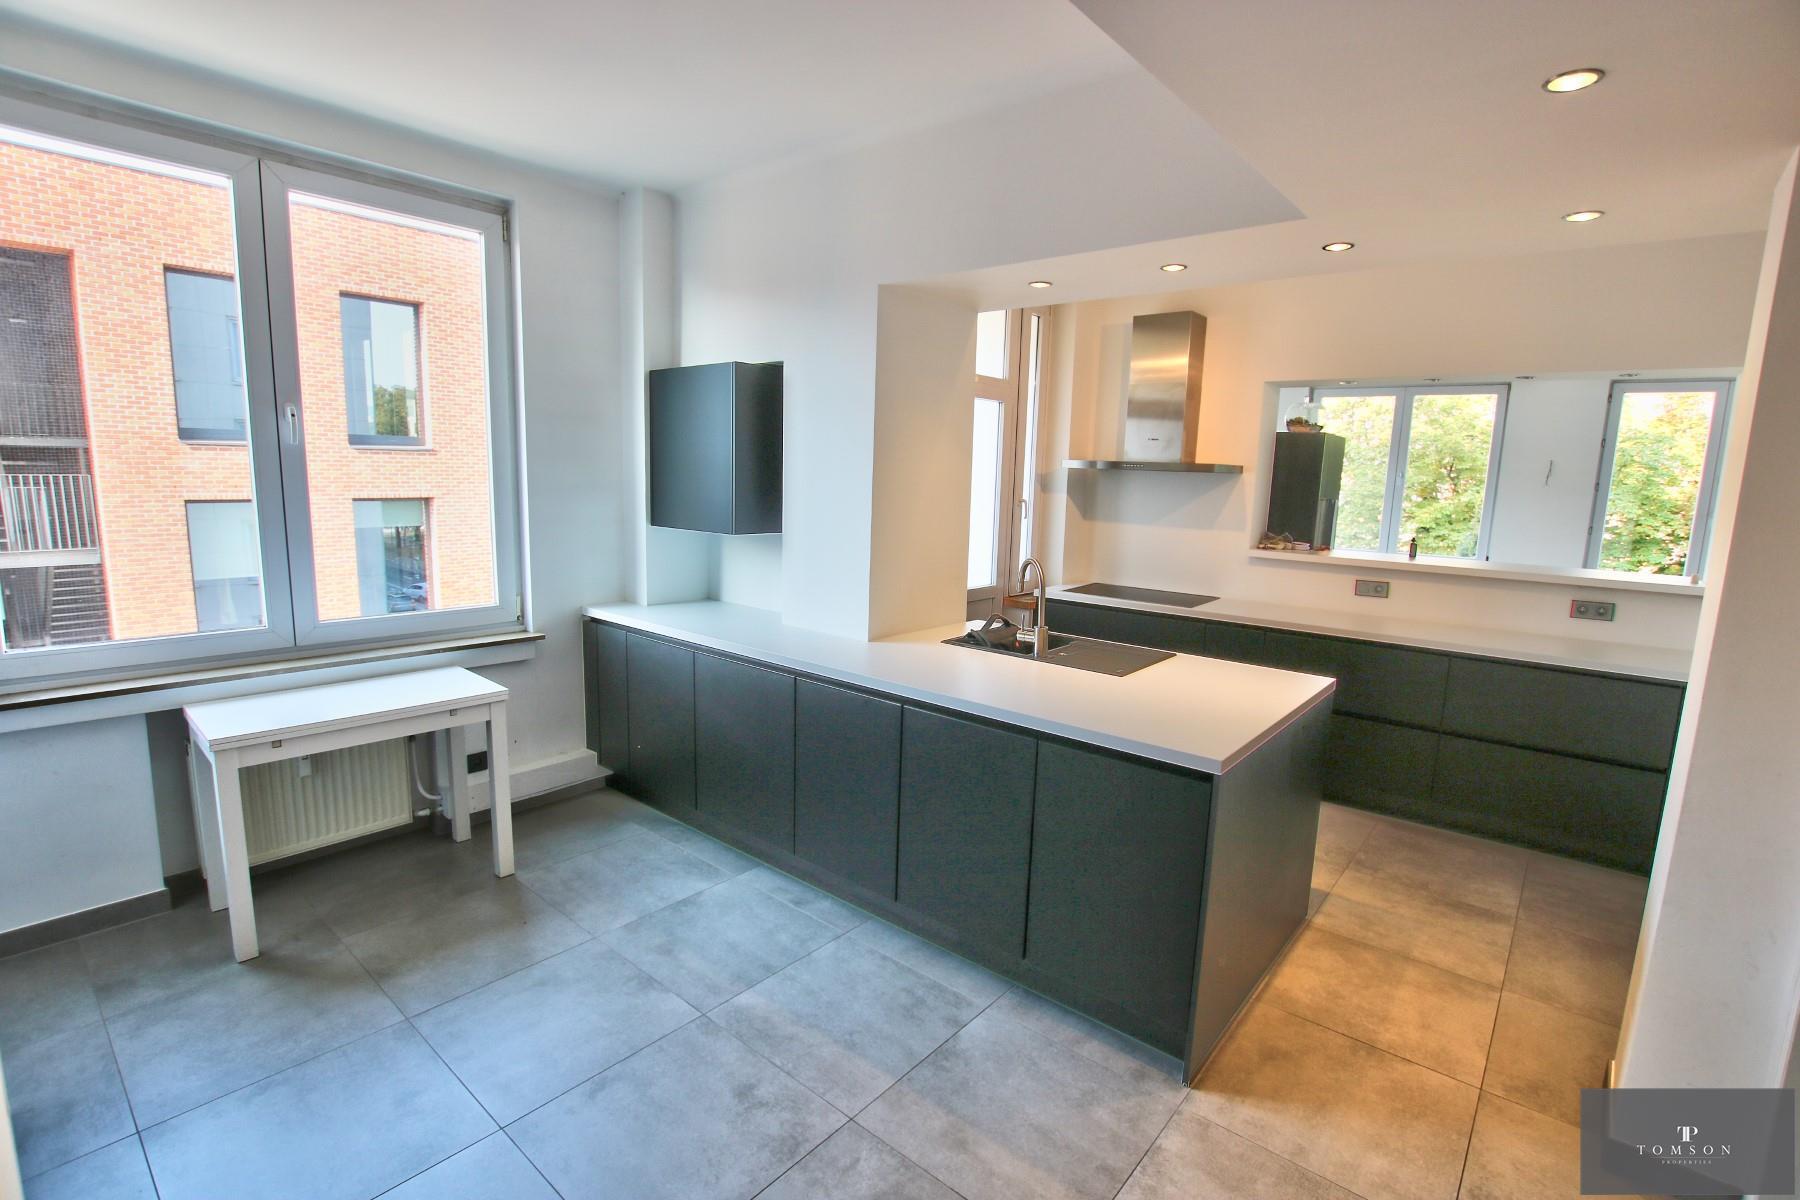 Appartement - Etterbeek - #4304367-5